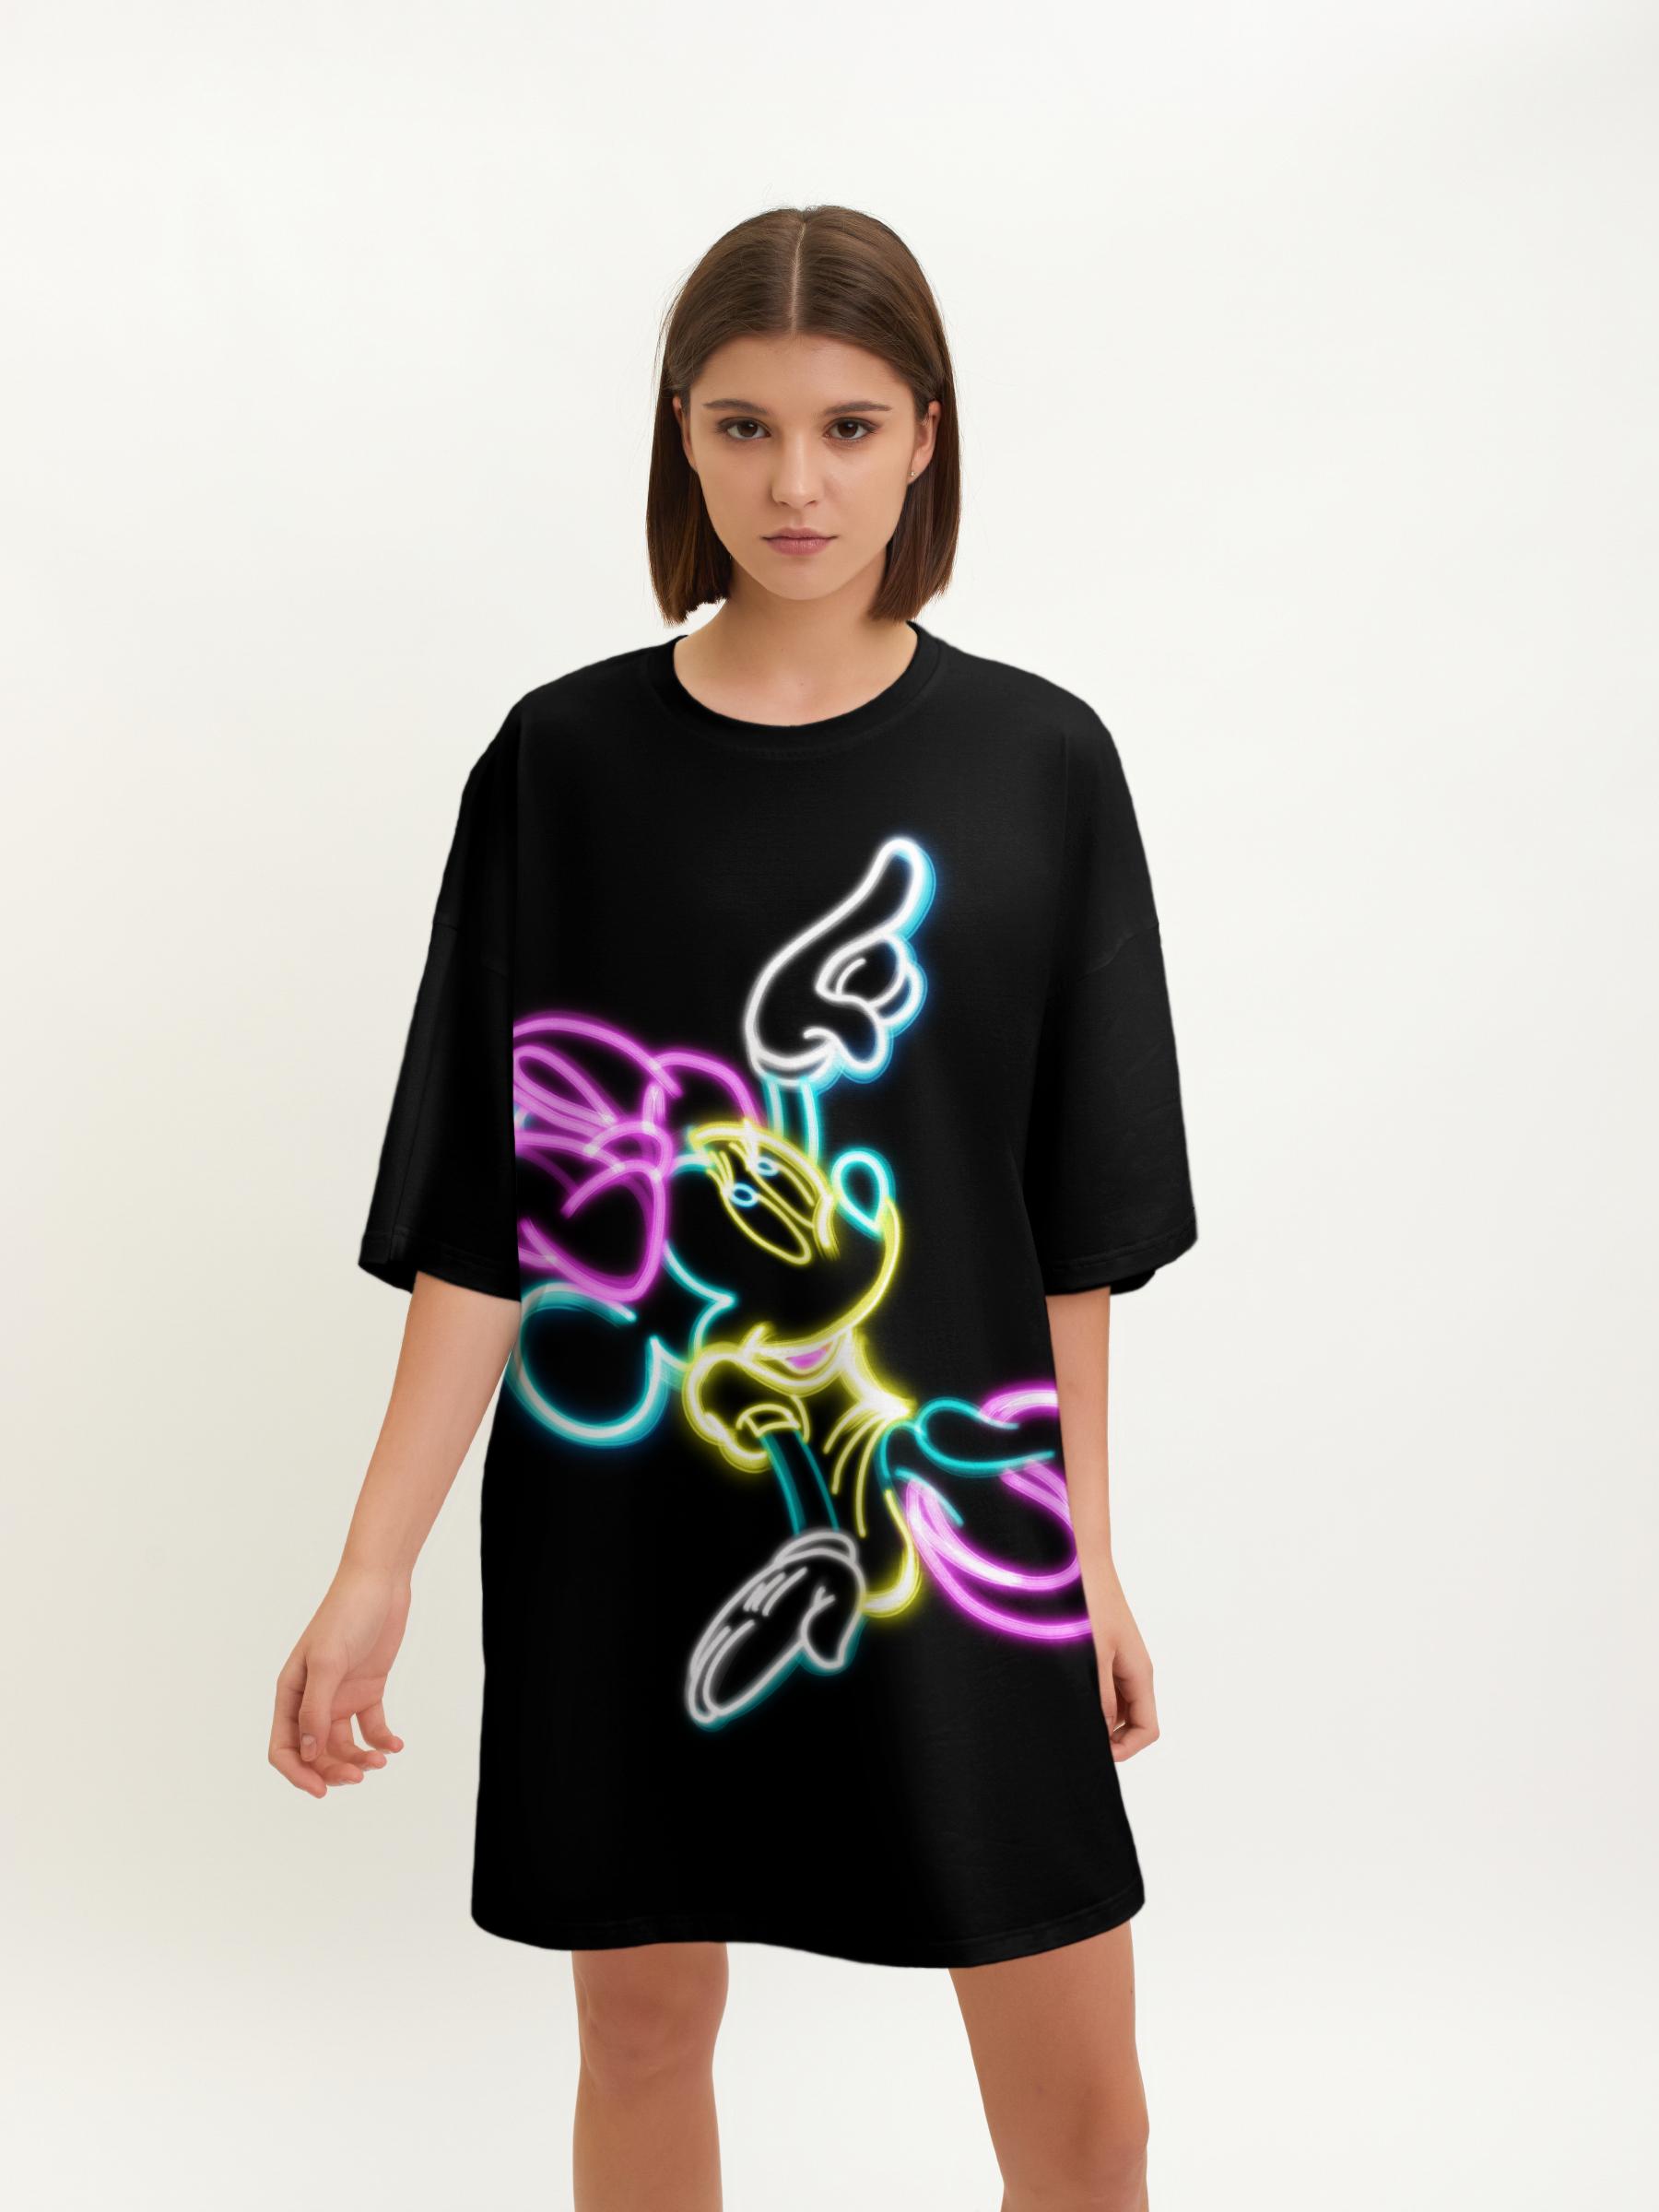 DL6015 Трусы VISAVIS стринг женские Blue & white 1